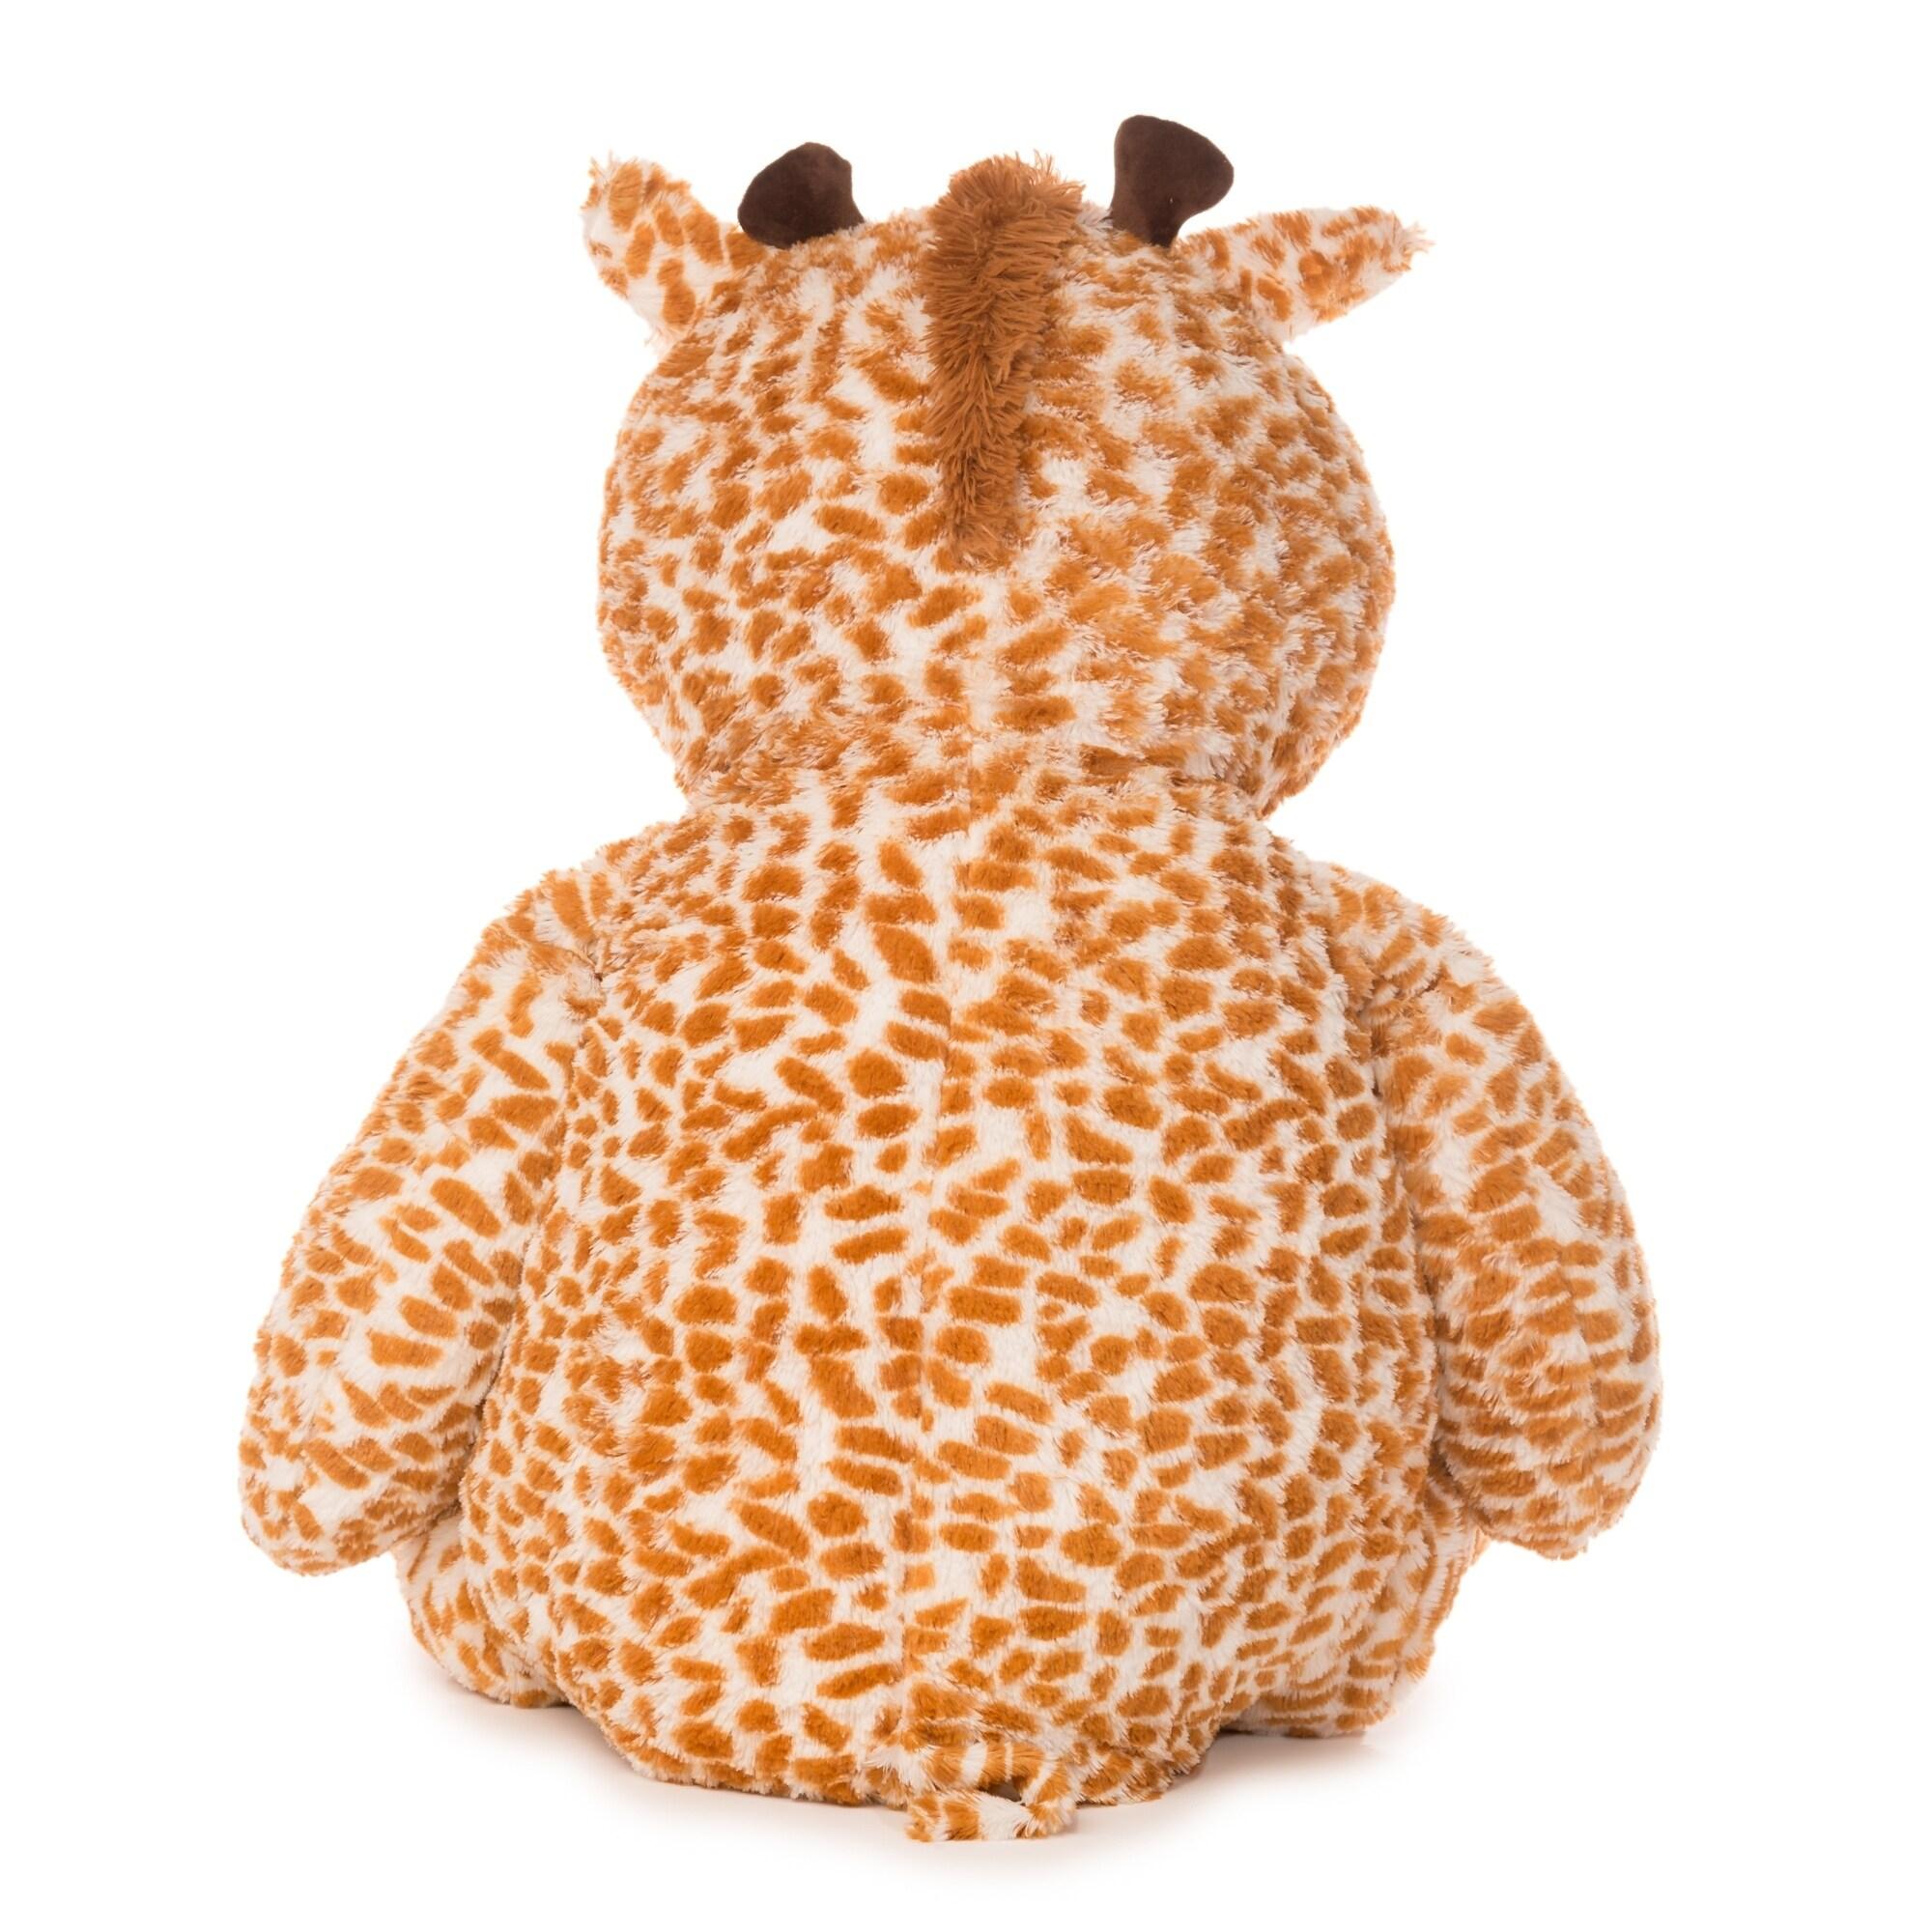 Shop Best Made Toys 55 Jumbo Giraffe Giant Plush Animal Over 4